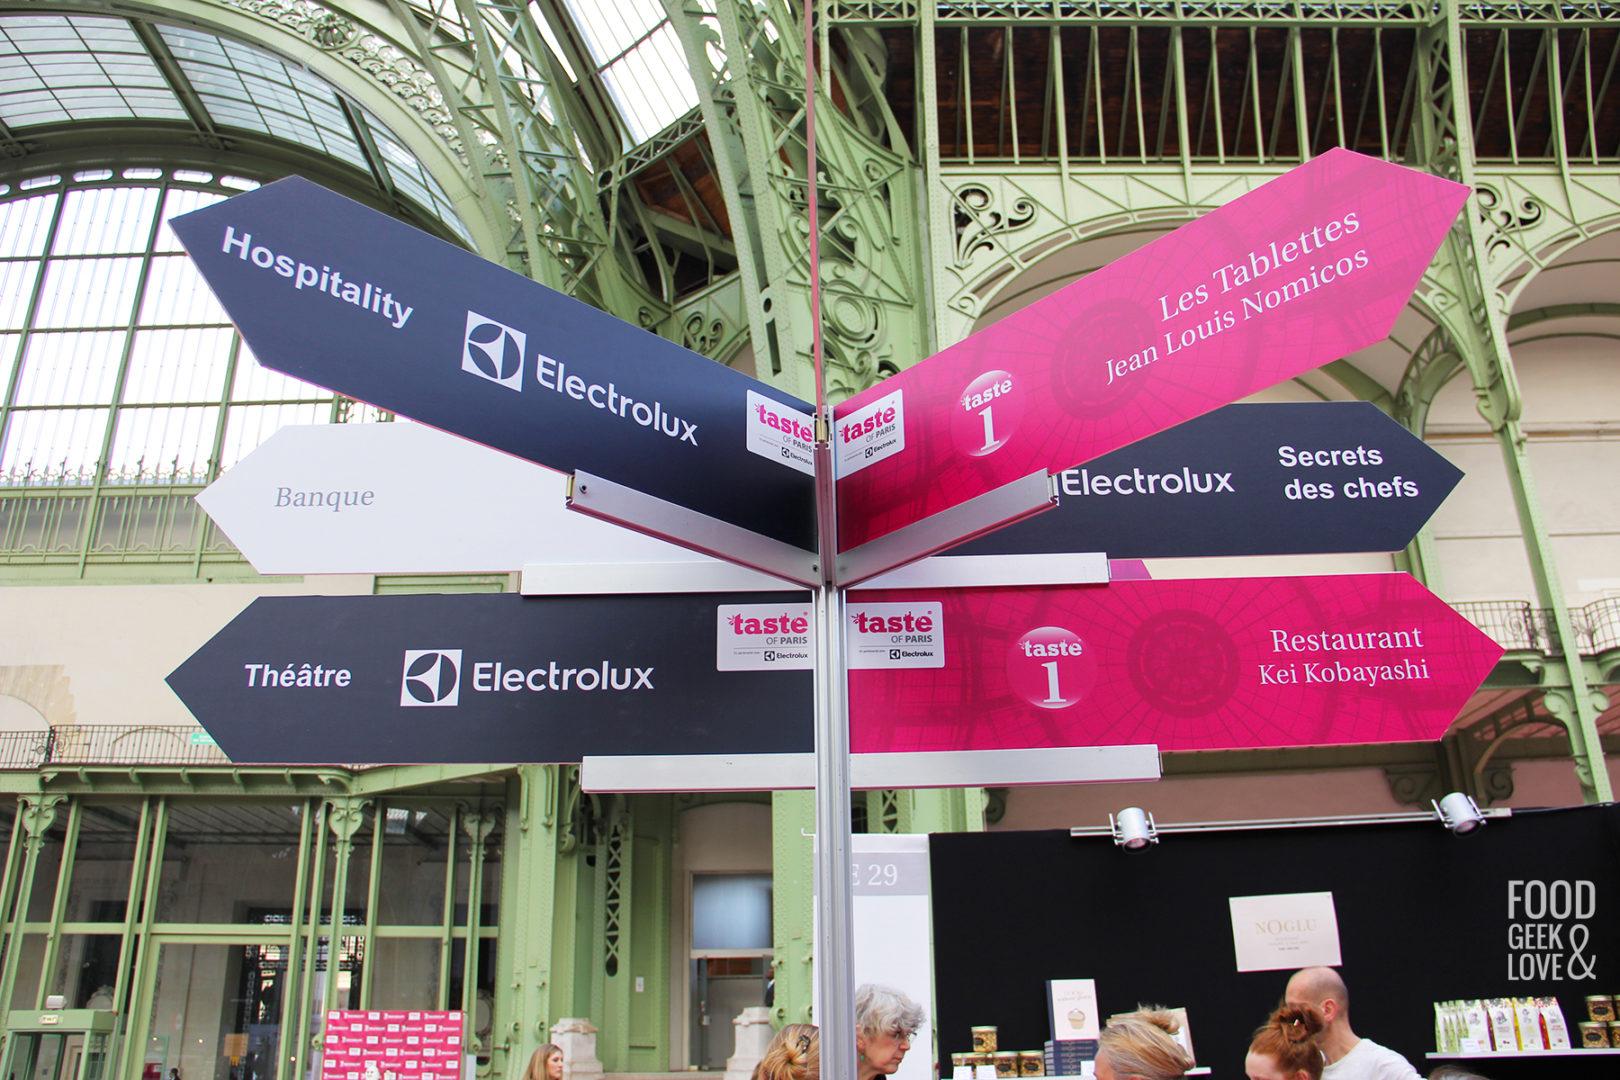 Les panneaux signalétique pour Taste of Paris 2015